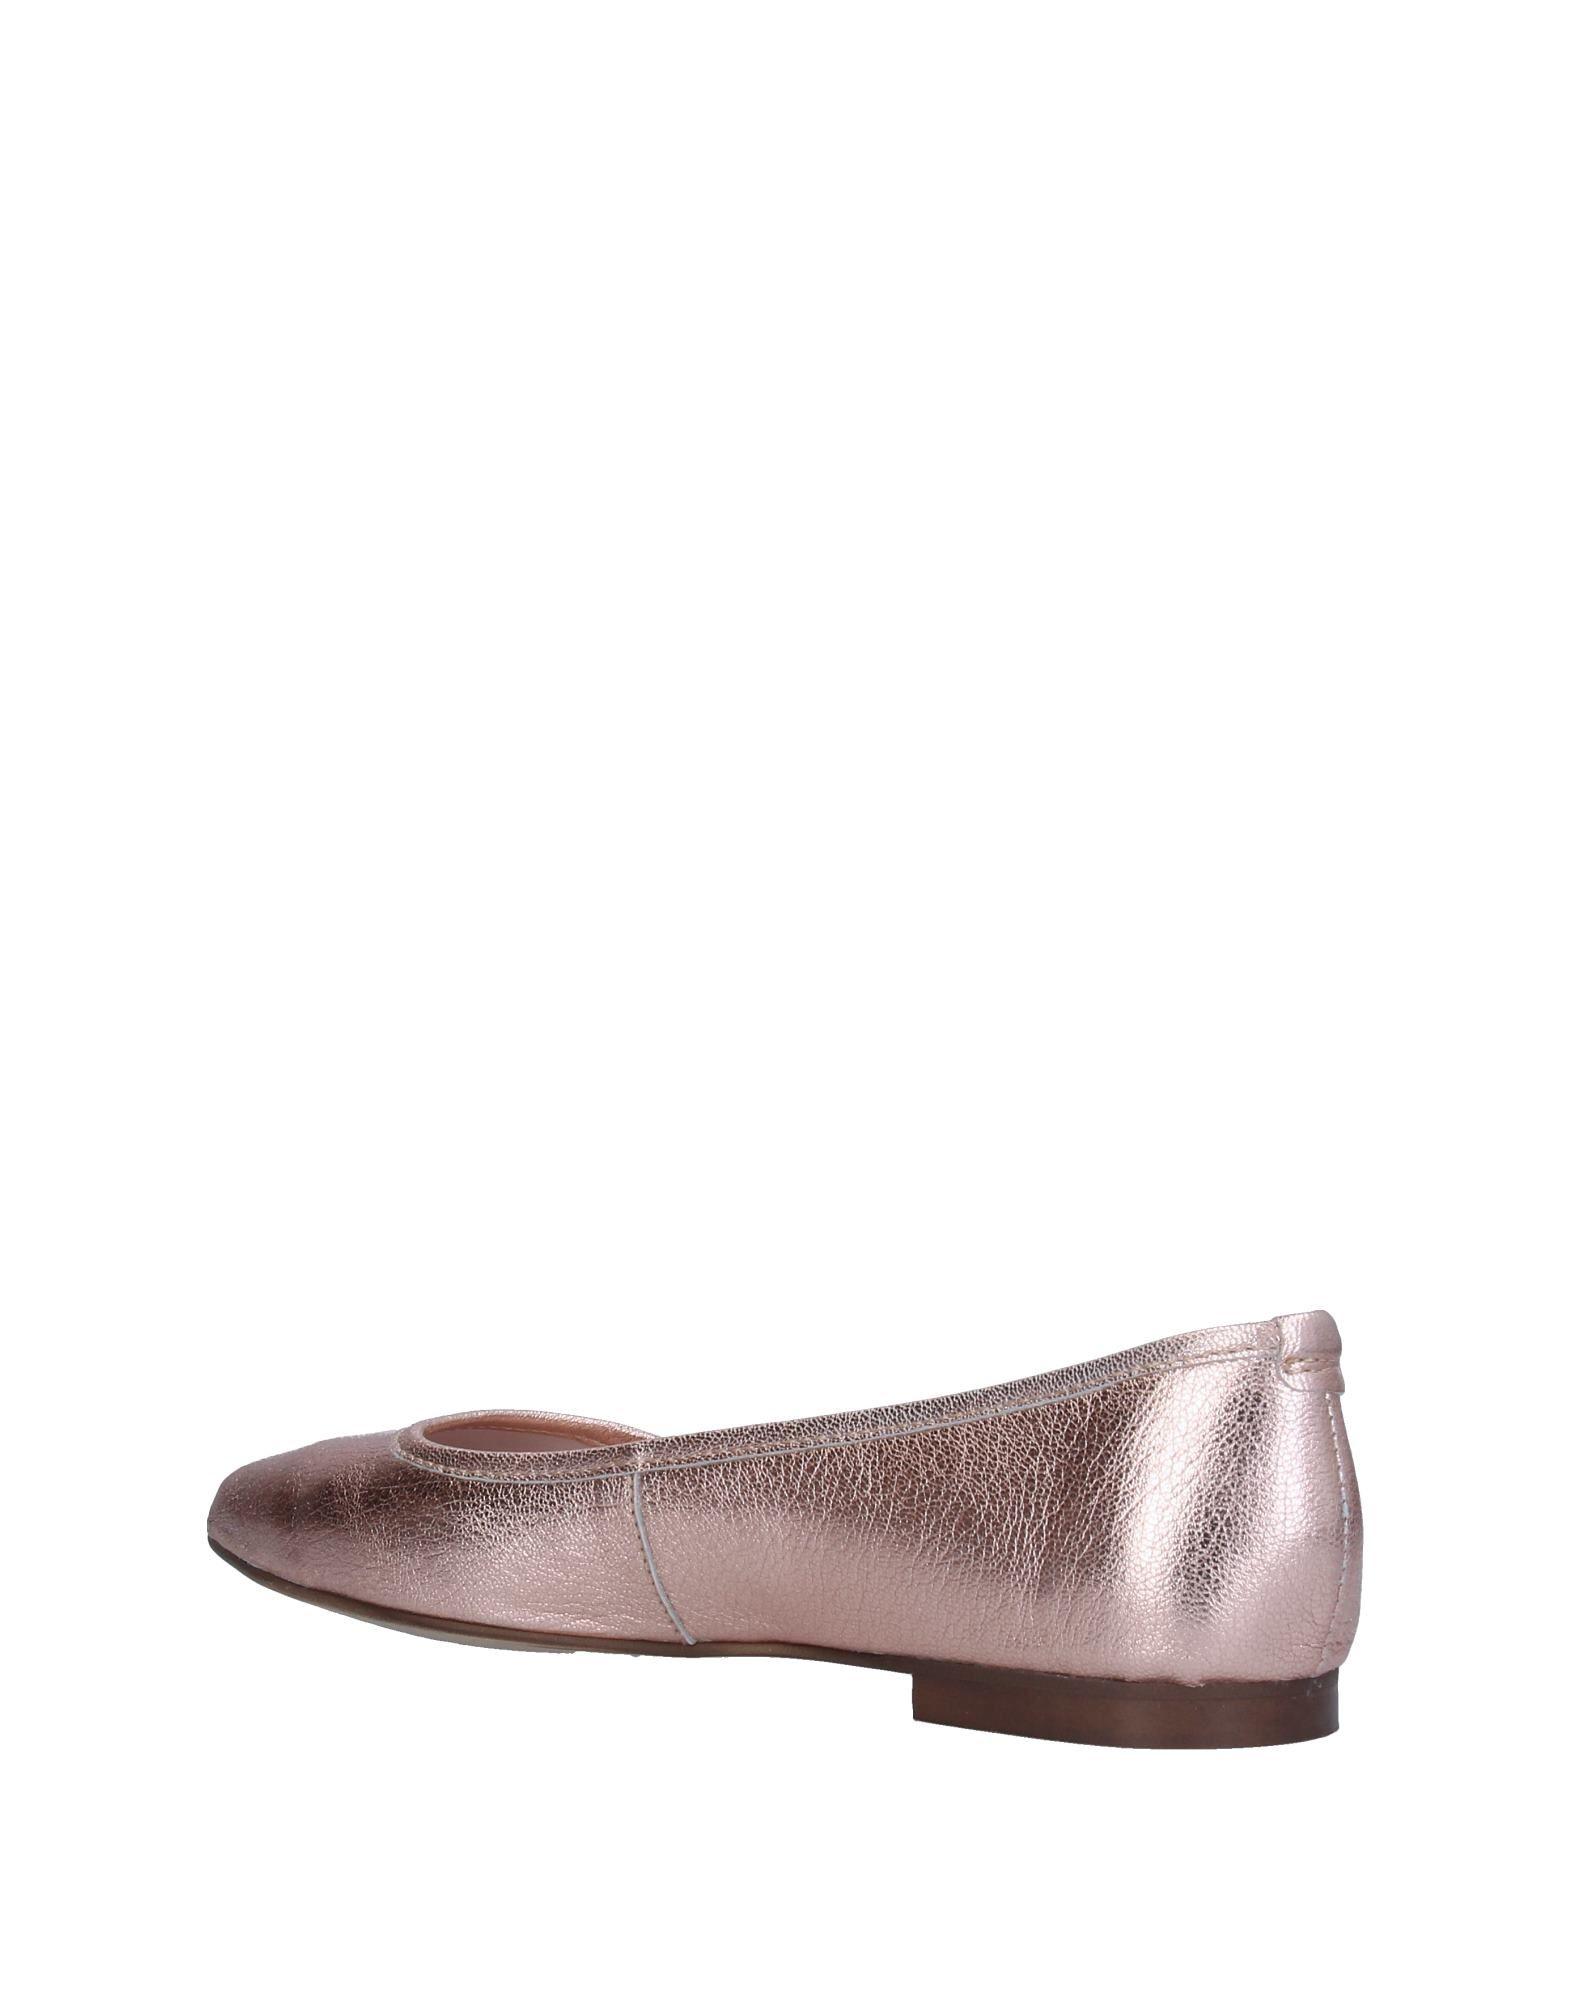 Tosca  Blu Shoes Ballerinas Damen  Tosca 11326355JI Gute Qualität beliebte Schuhe 02f7b8